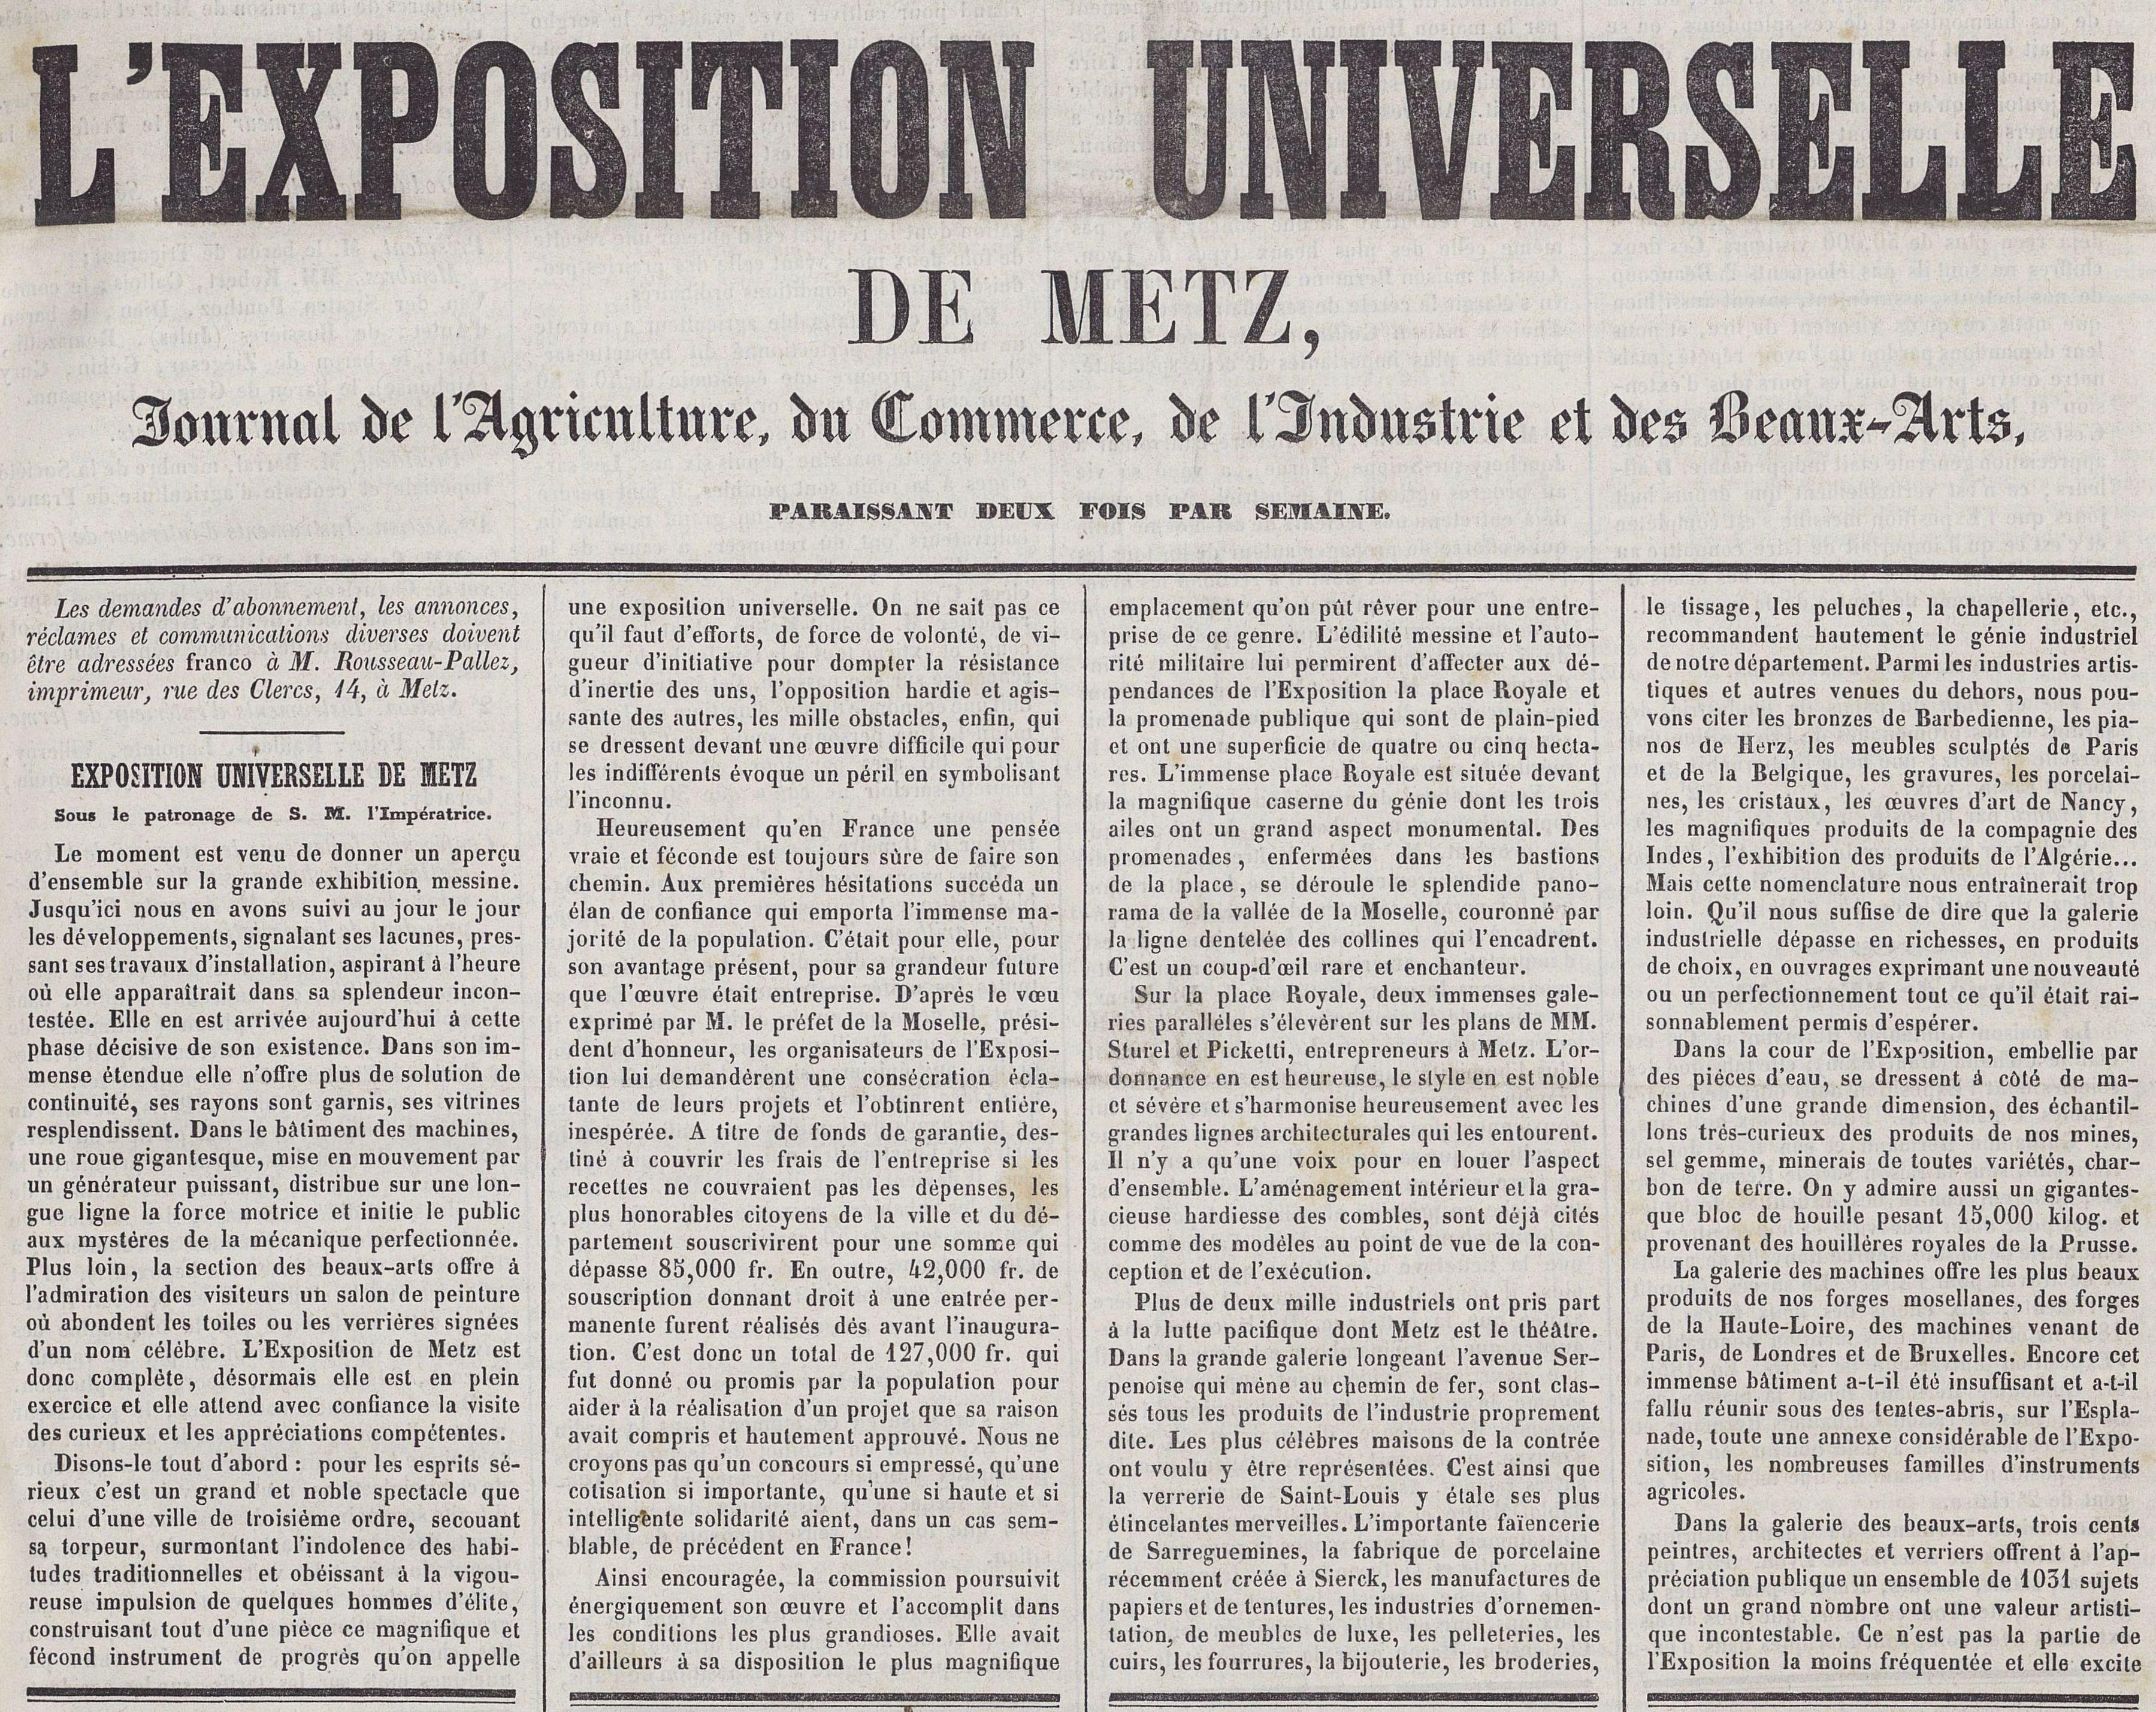 Contenu du Numéro 24 (11 juillet 1861) de l'Exposition universelle de Metz (extrait)